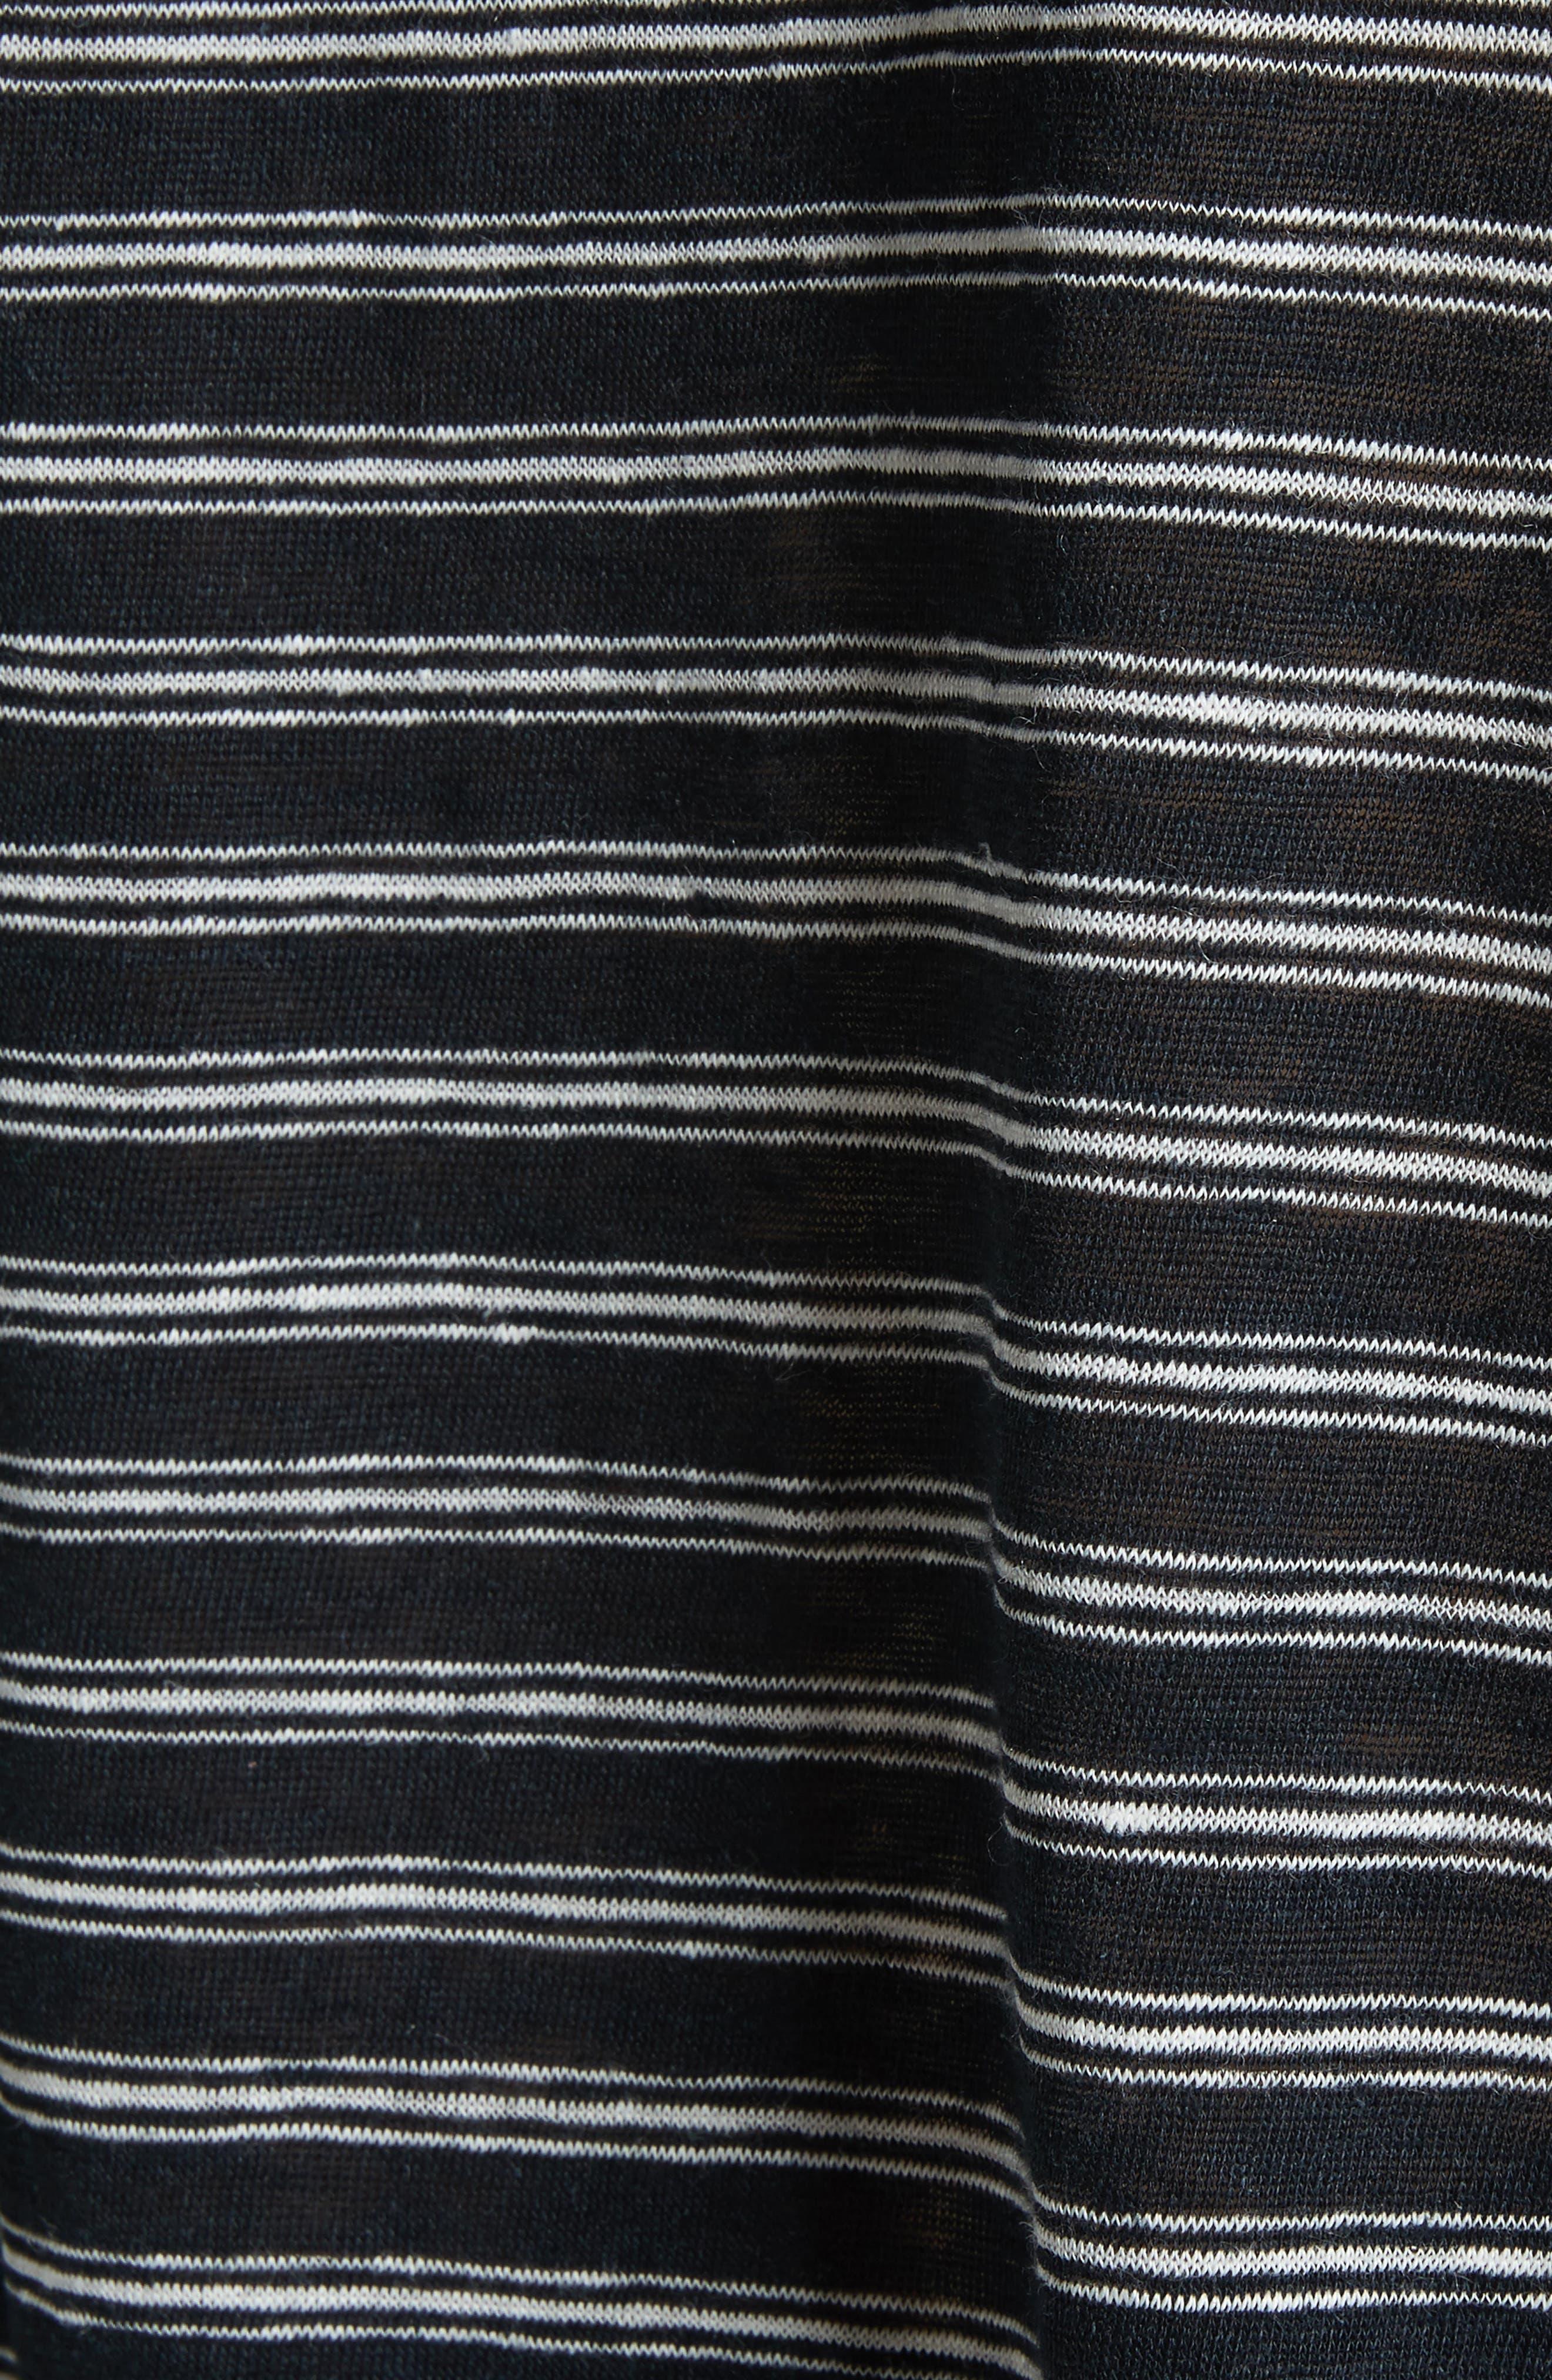 Stripe Linen Knit Top,                             Alternate thumbnail 5, color,                             Caviar/ Porcelain